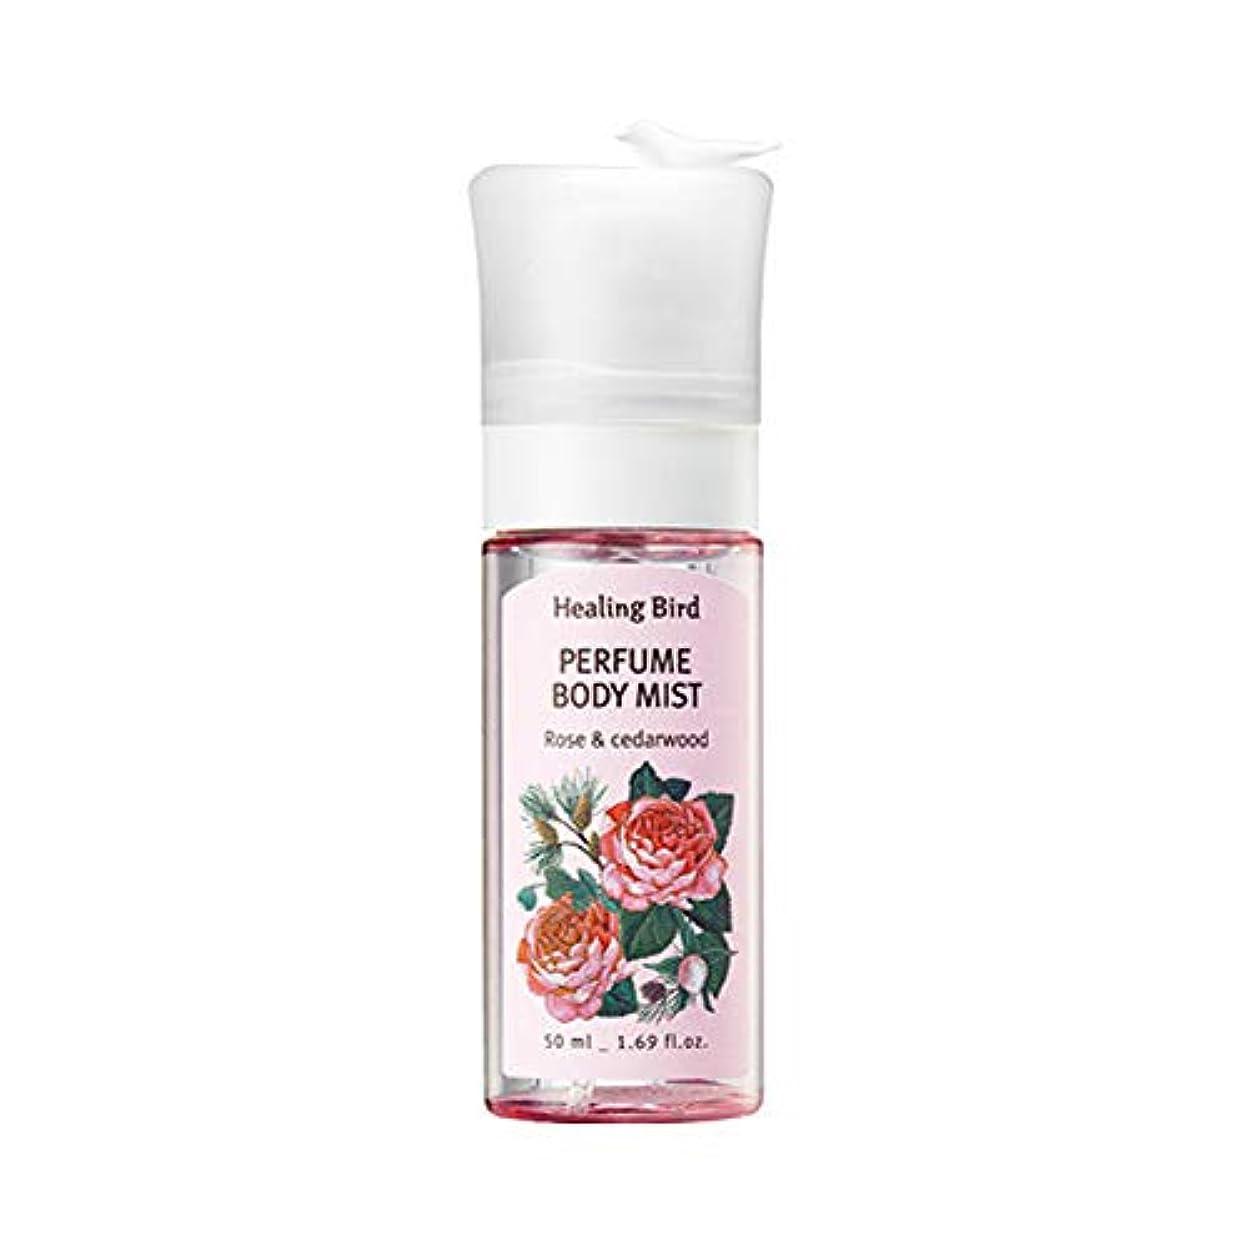 くるくる事件、出来事所有者Healing Bird Perfume Body Mist 50ml パヒュームボディミスト (Rose & Cedarwood) [並行輸入品]